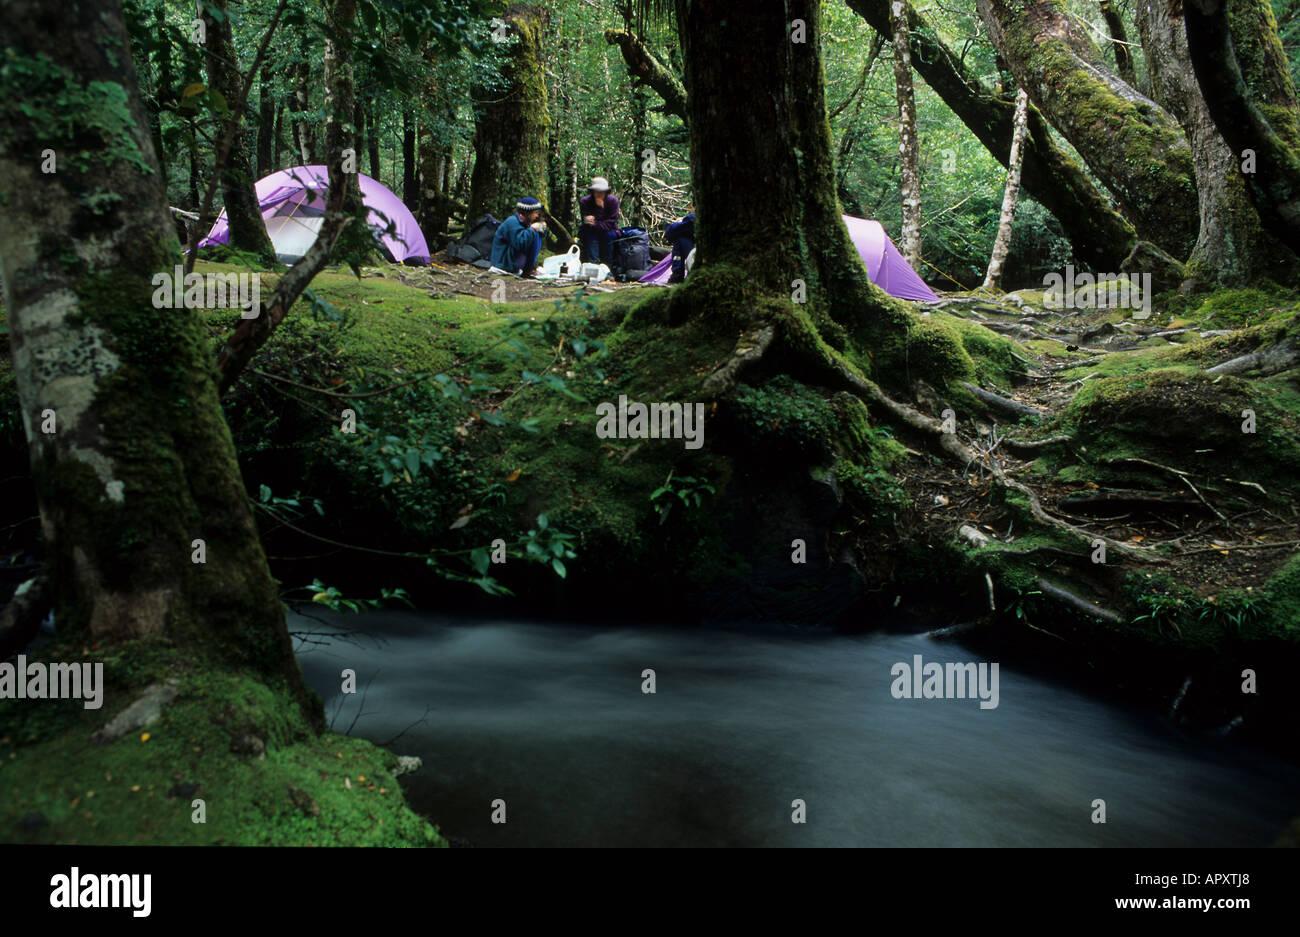 Tende, valle del pino, Cradle Mountain Nat Park, Australia Tasmania, camping dal fiume Narciso su Overland Track in culla Mounta Immagini Stock